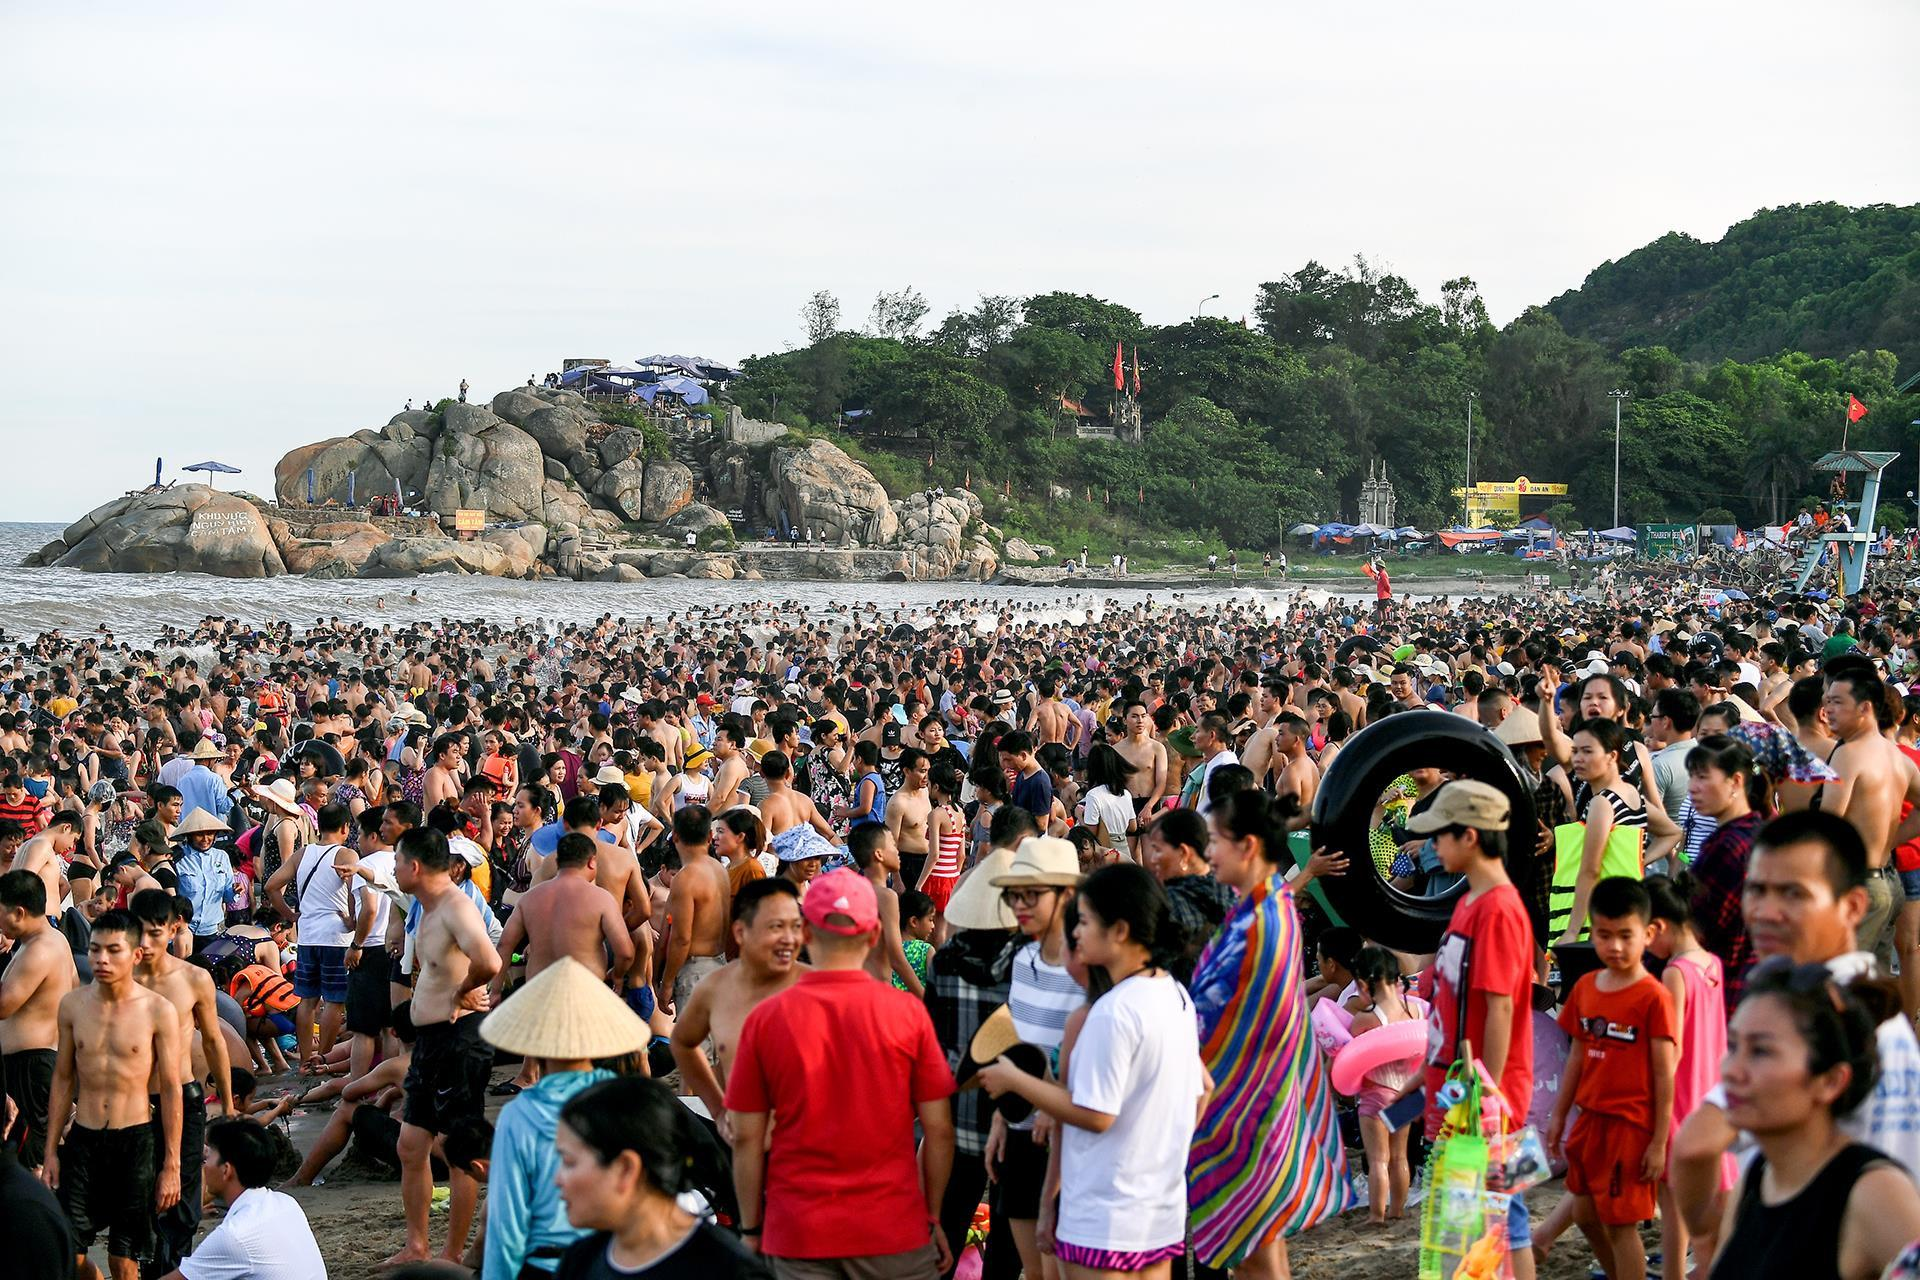 Hàng trăm nghìn người nhảy sóng ở bãi biển nước đục ngầu Ảnh 2